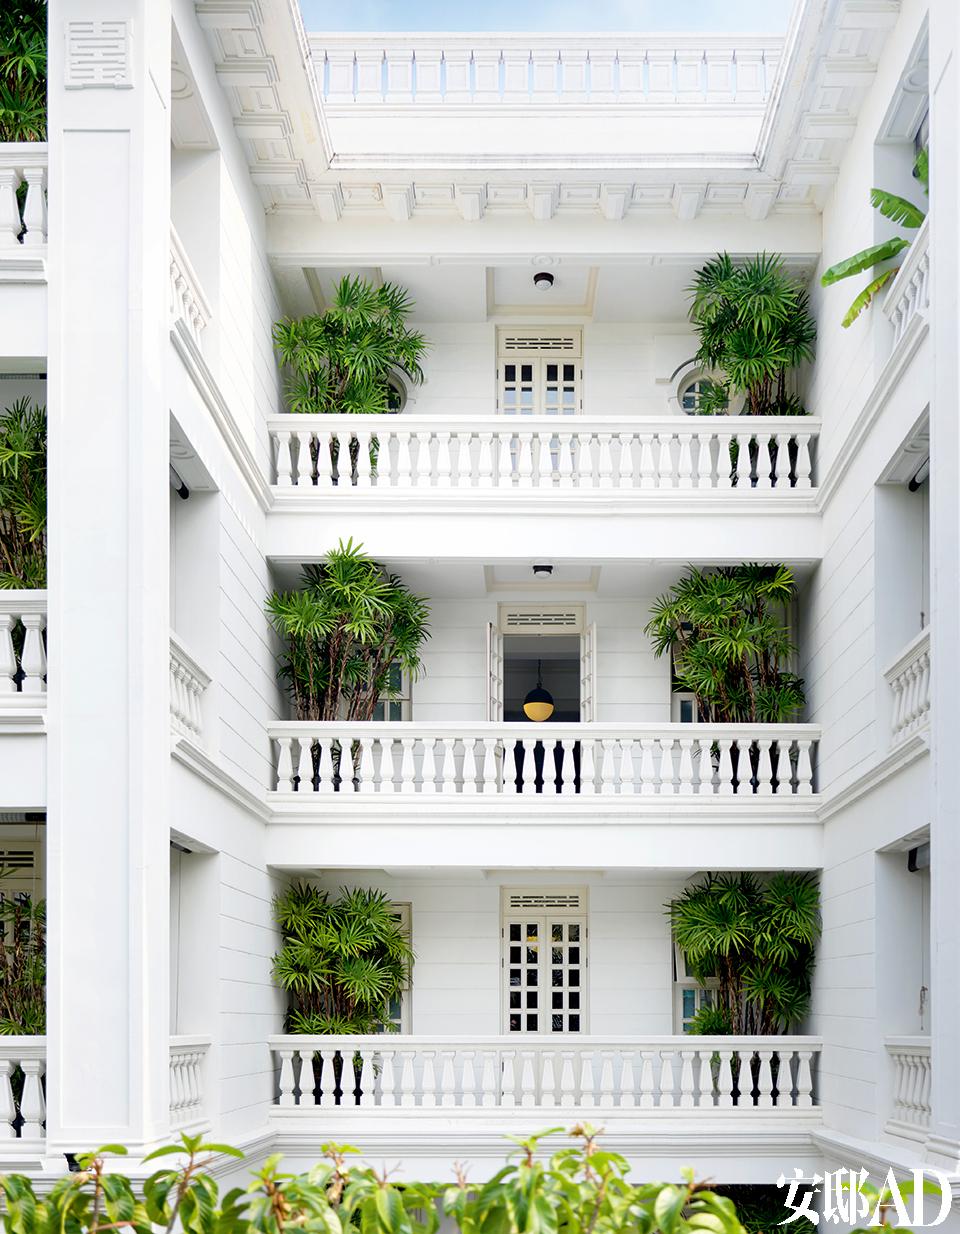 """""""在泰国的外国人几乎都是租老房子来住,我喜欢老房子,所以自己盖'老'房子。""""而这座如上海前租界风格的白色建筑为叶裕清亲自设计打造的全新建筑。"""